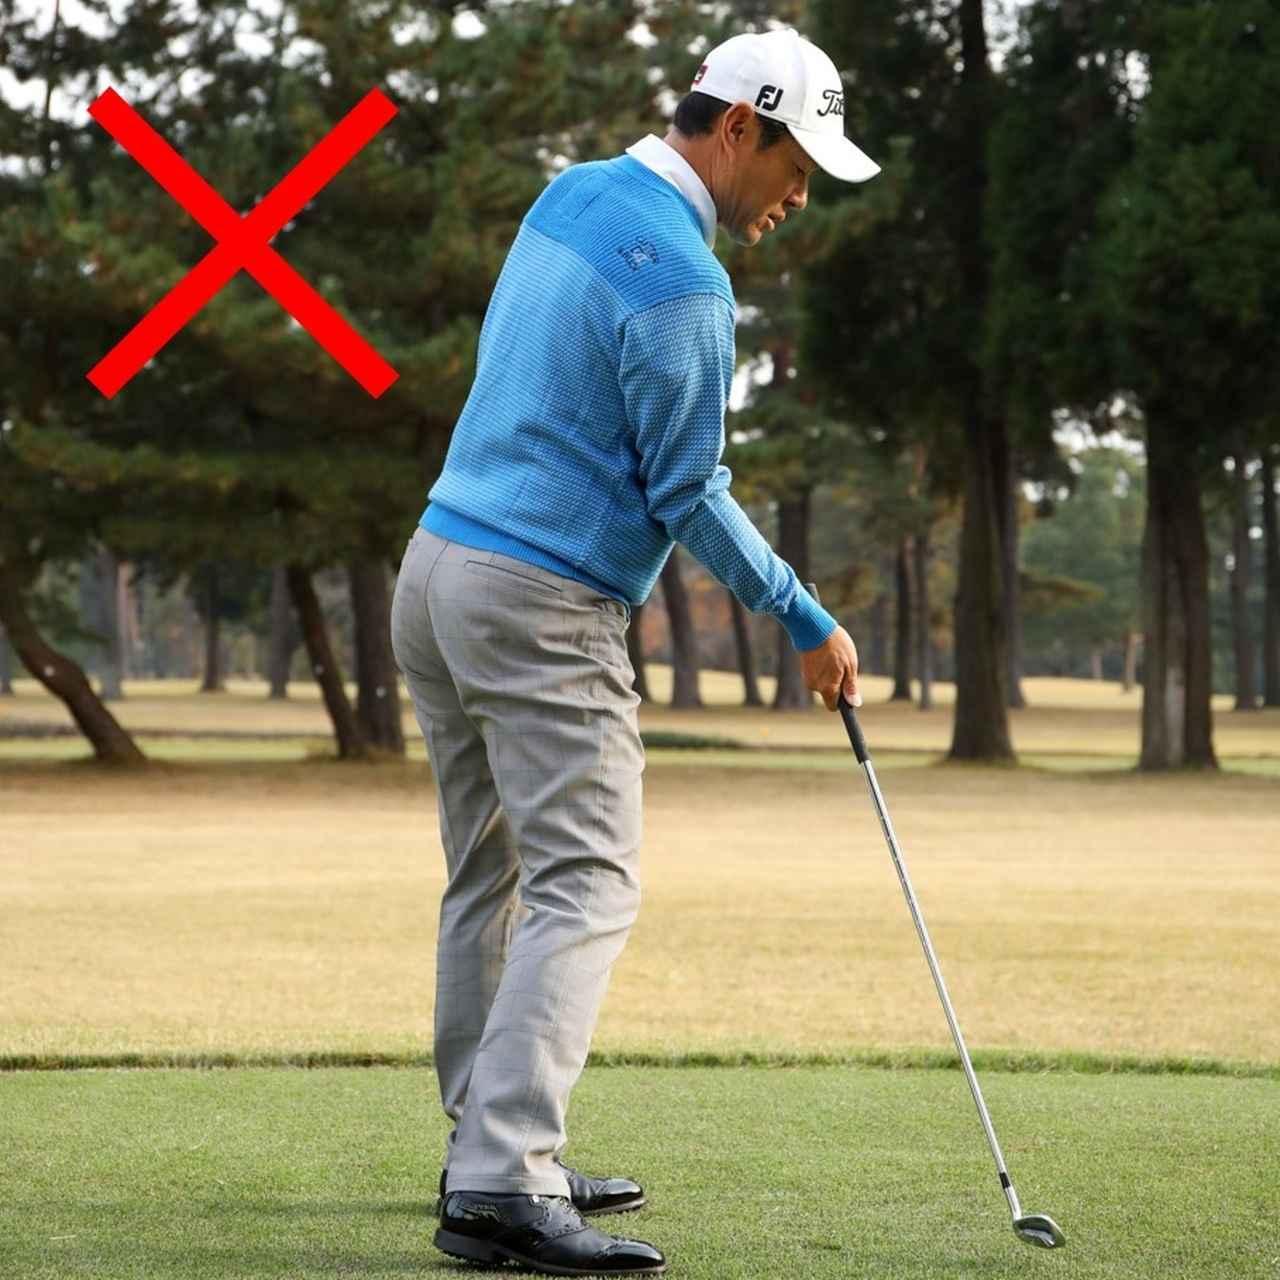 画像: ダウンスウィングでお尻が前に出てしまうと前傾姿勢が崩れ、手元が浮いてスライスしやすい動きになる